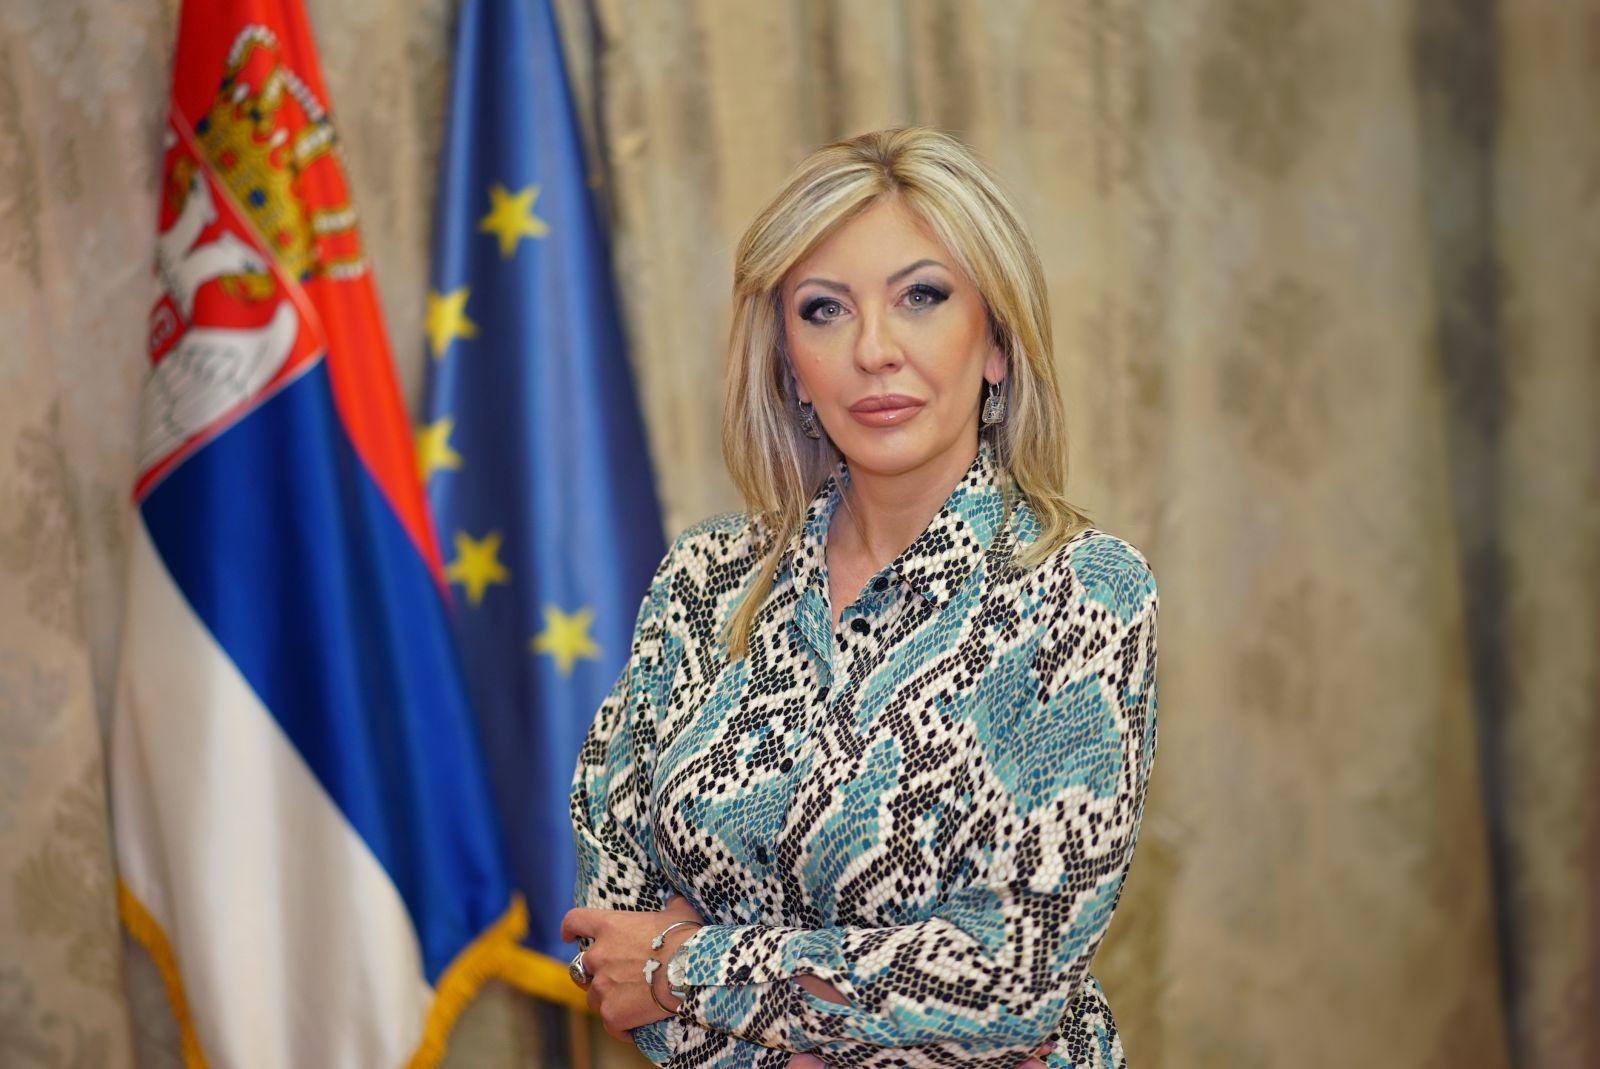 Ј. Јоксимовић: Дан Европе за живот у миру, јединству, просперитету